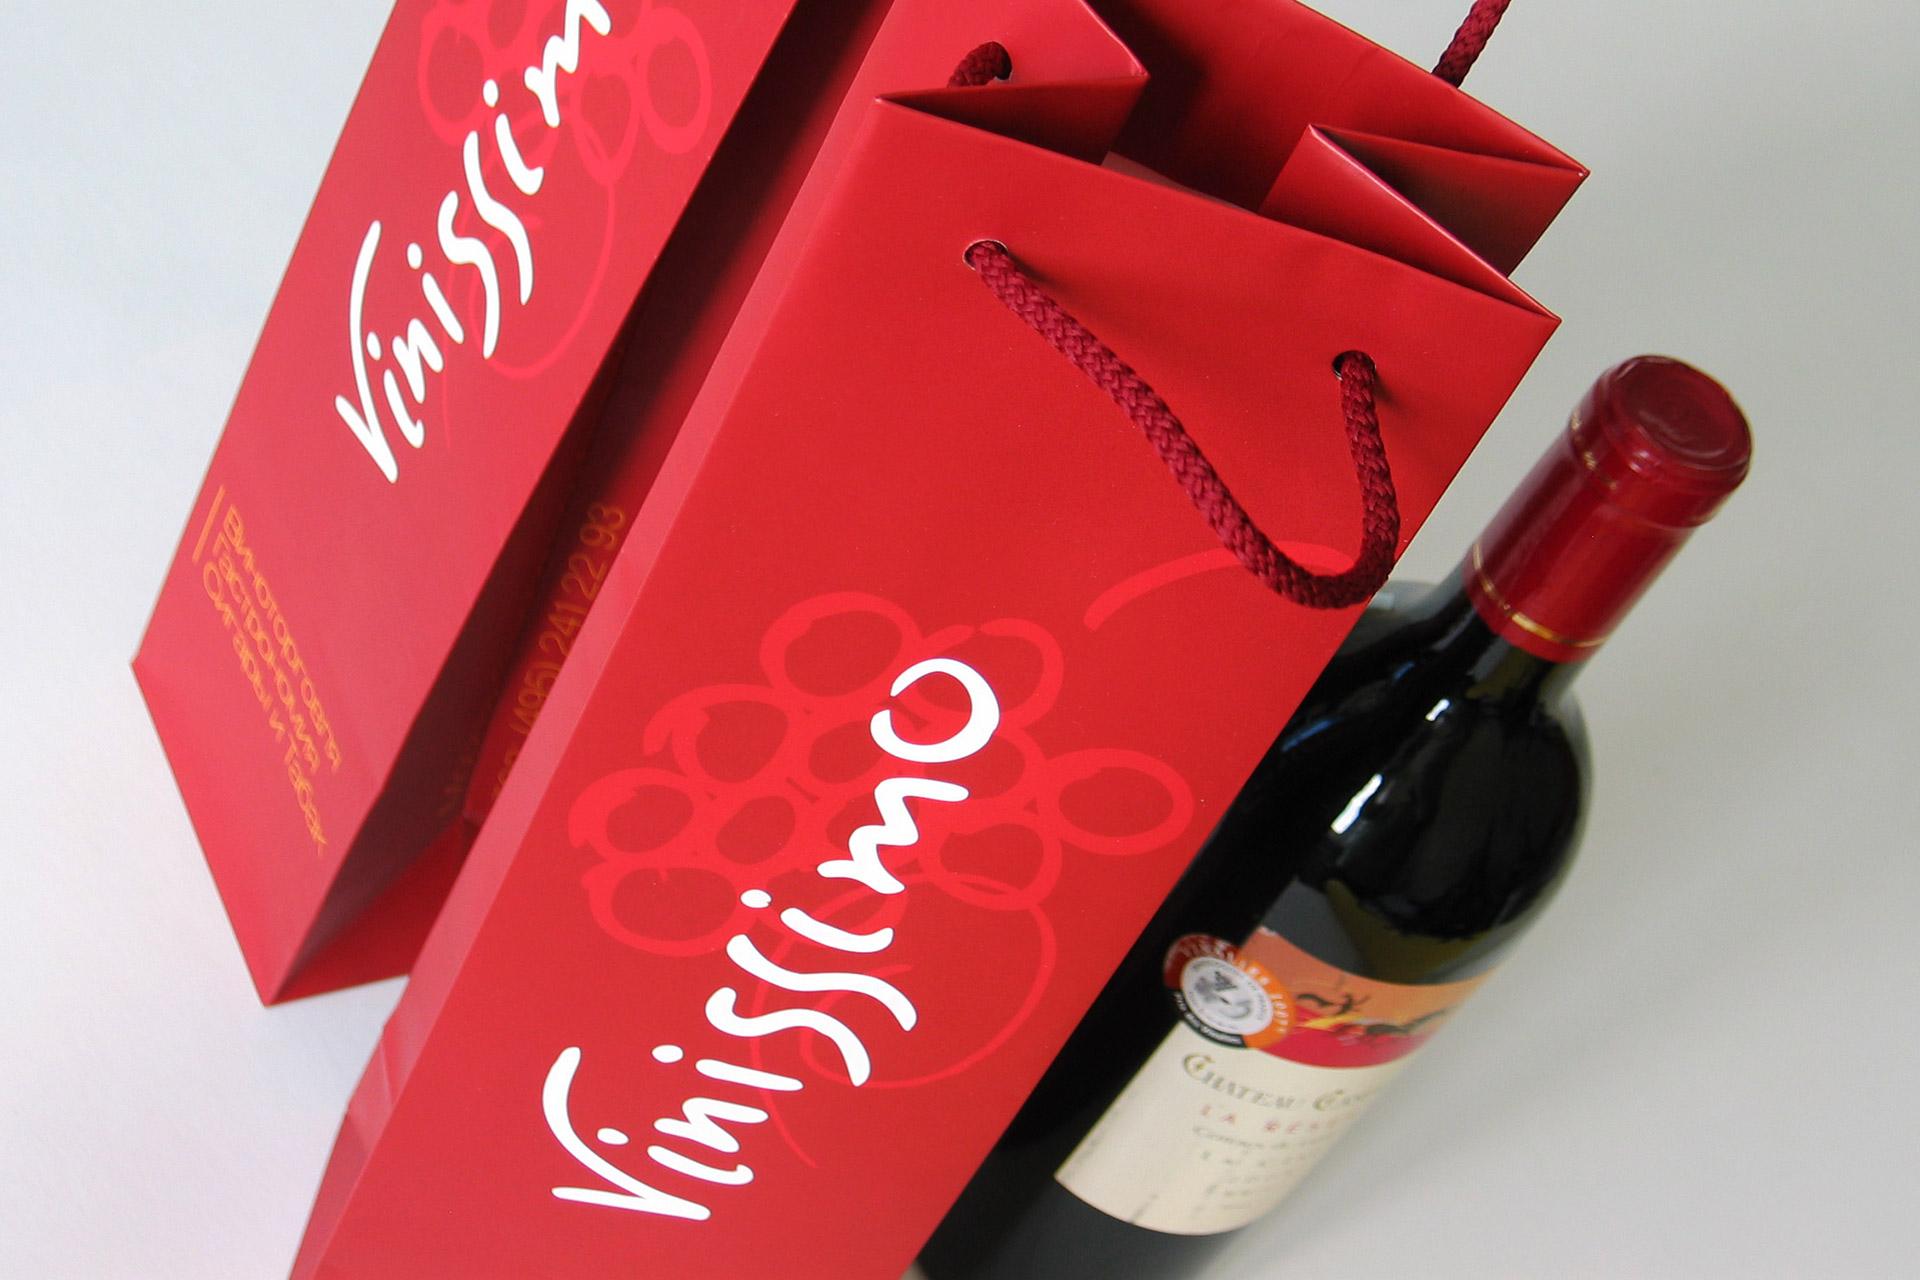 Асгард Брендинг, фирменный стиль, дизайн фирменных пакетов для вина, айдентика, лого, винный бутик, дизайн, графический дизайн, брендинг, дизайн упаковки